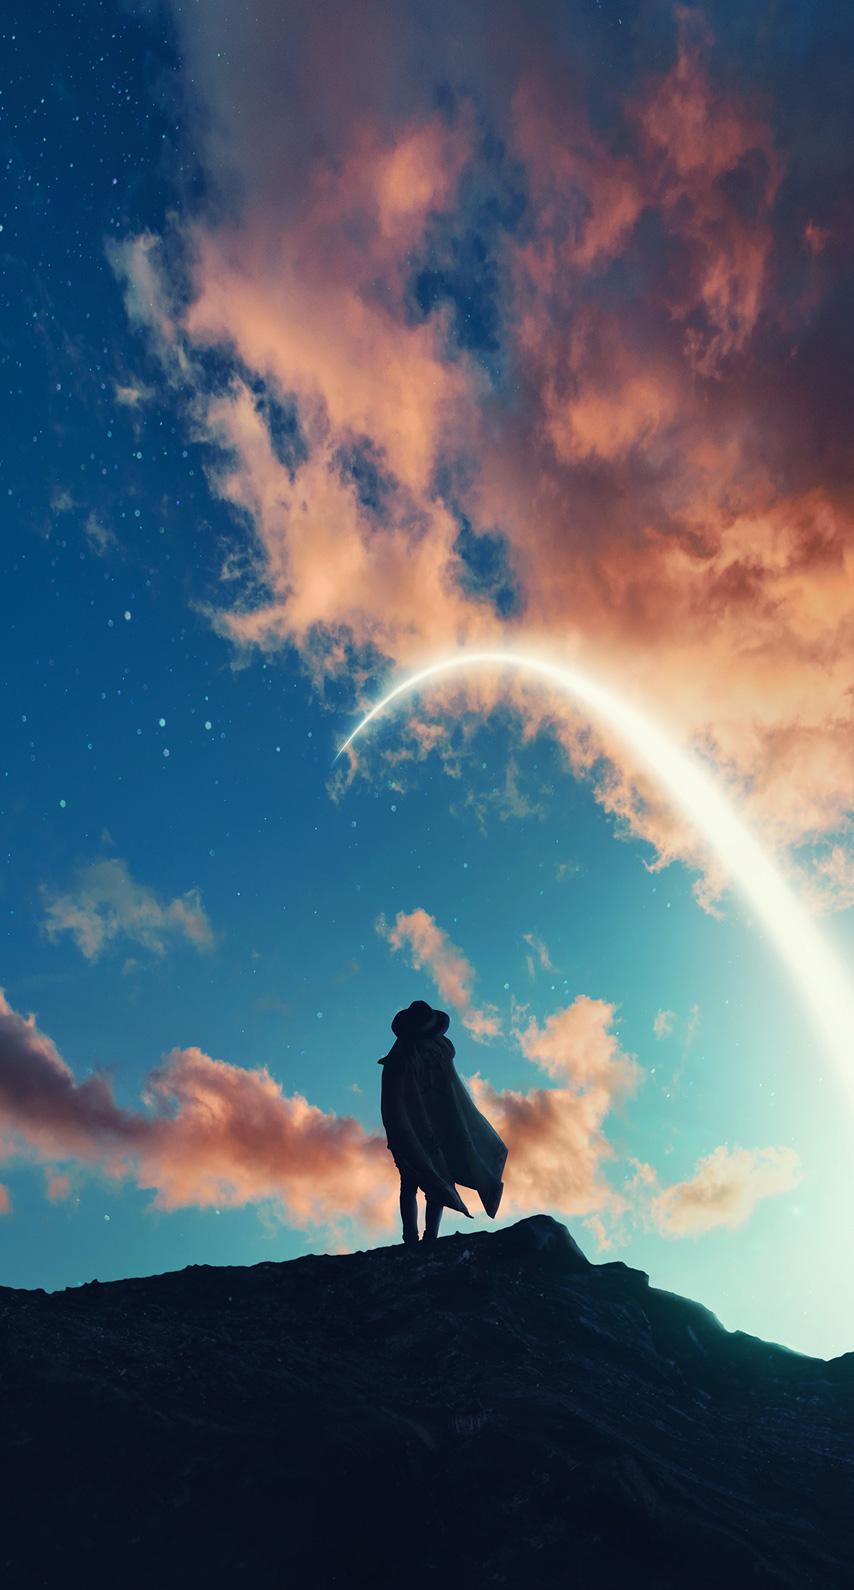 horizon, climber